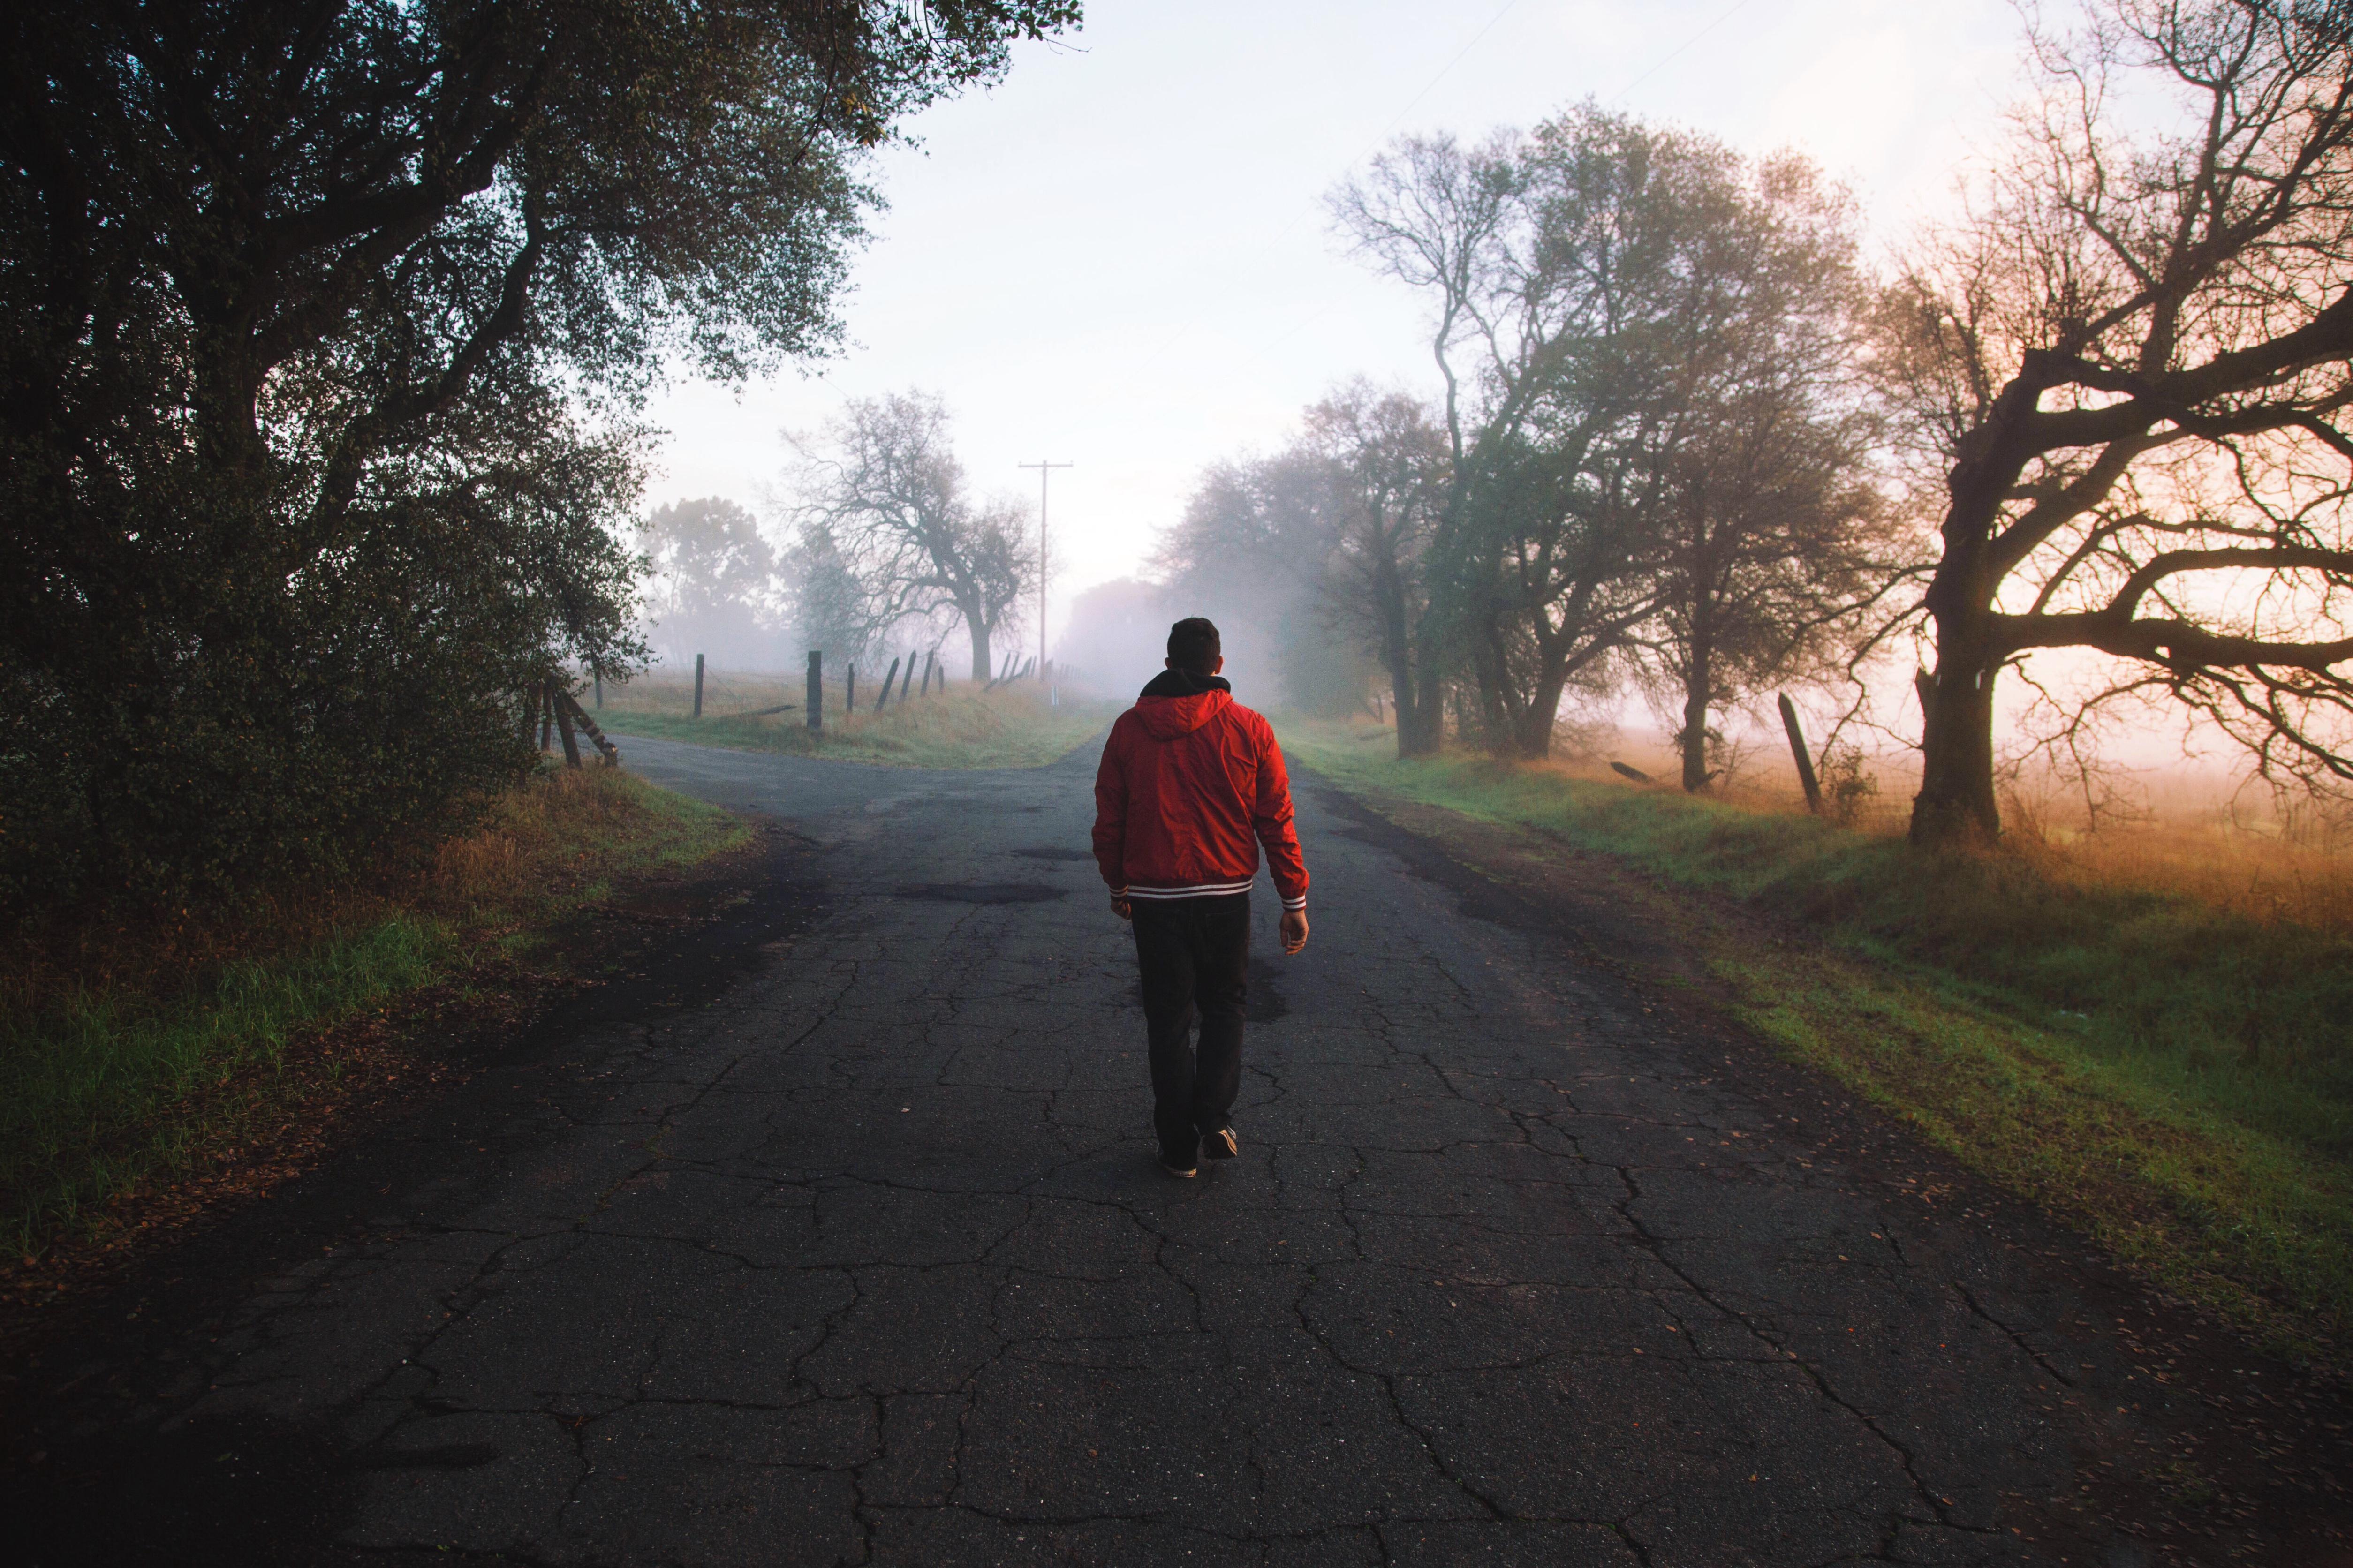 Мужчина идет по дороге картинка